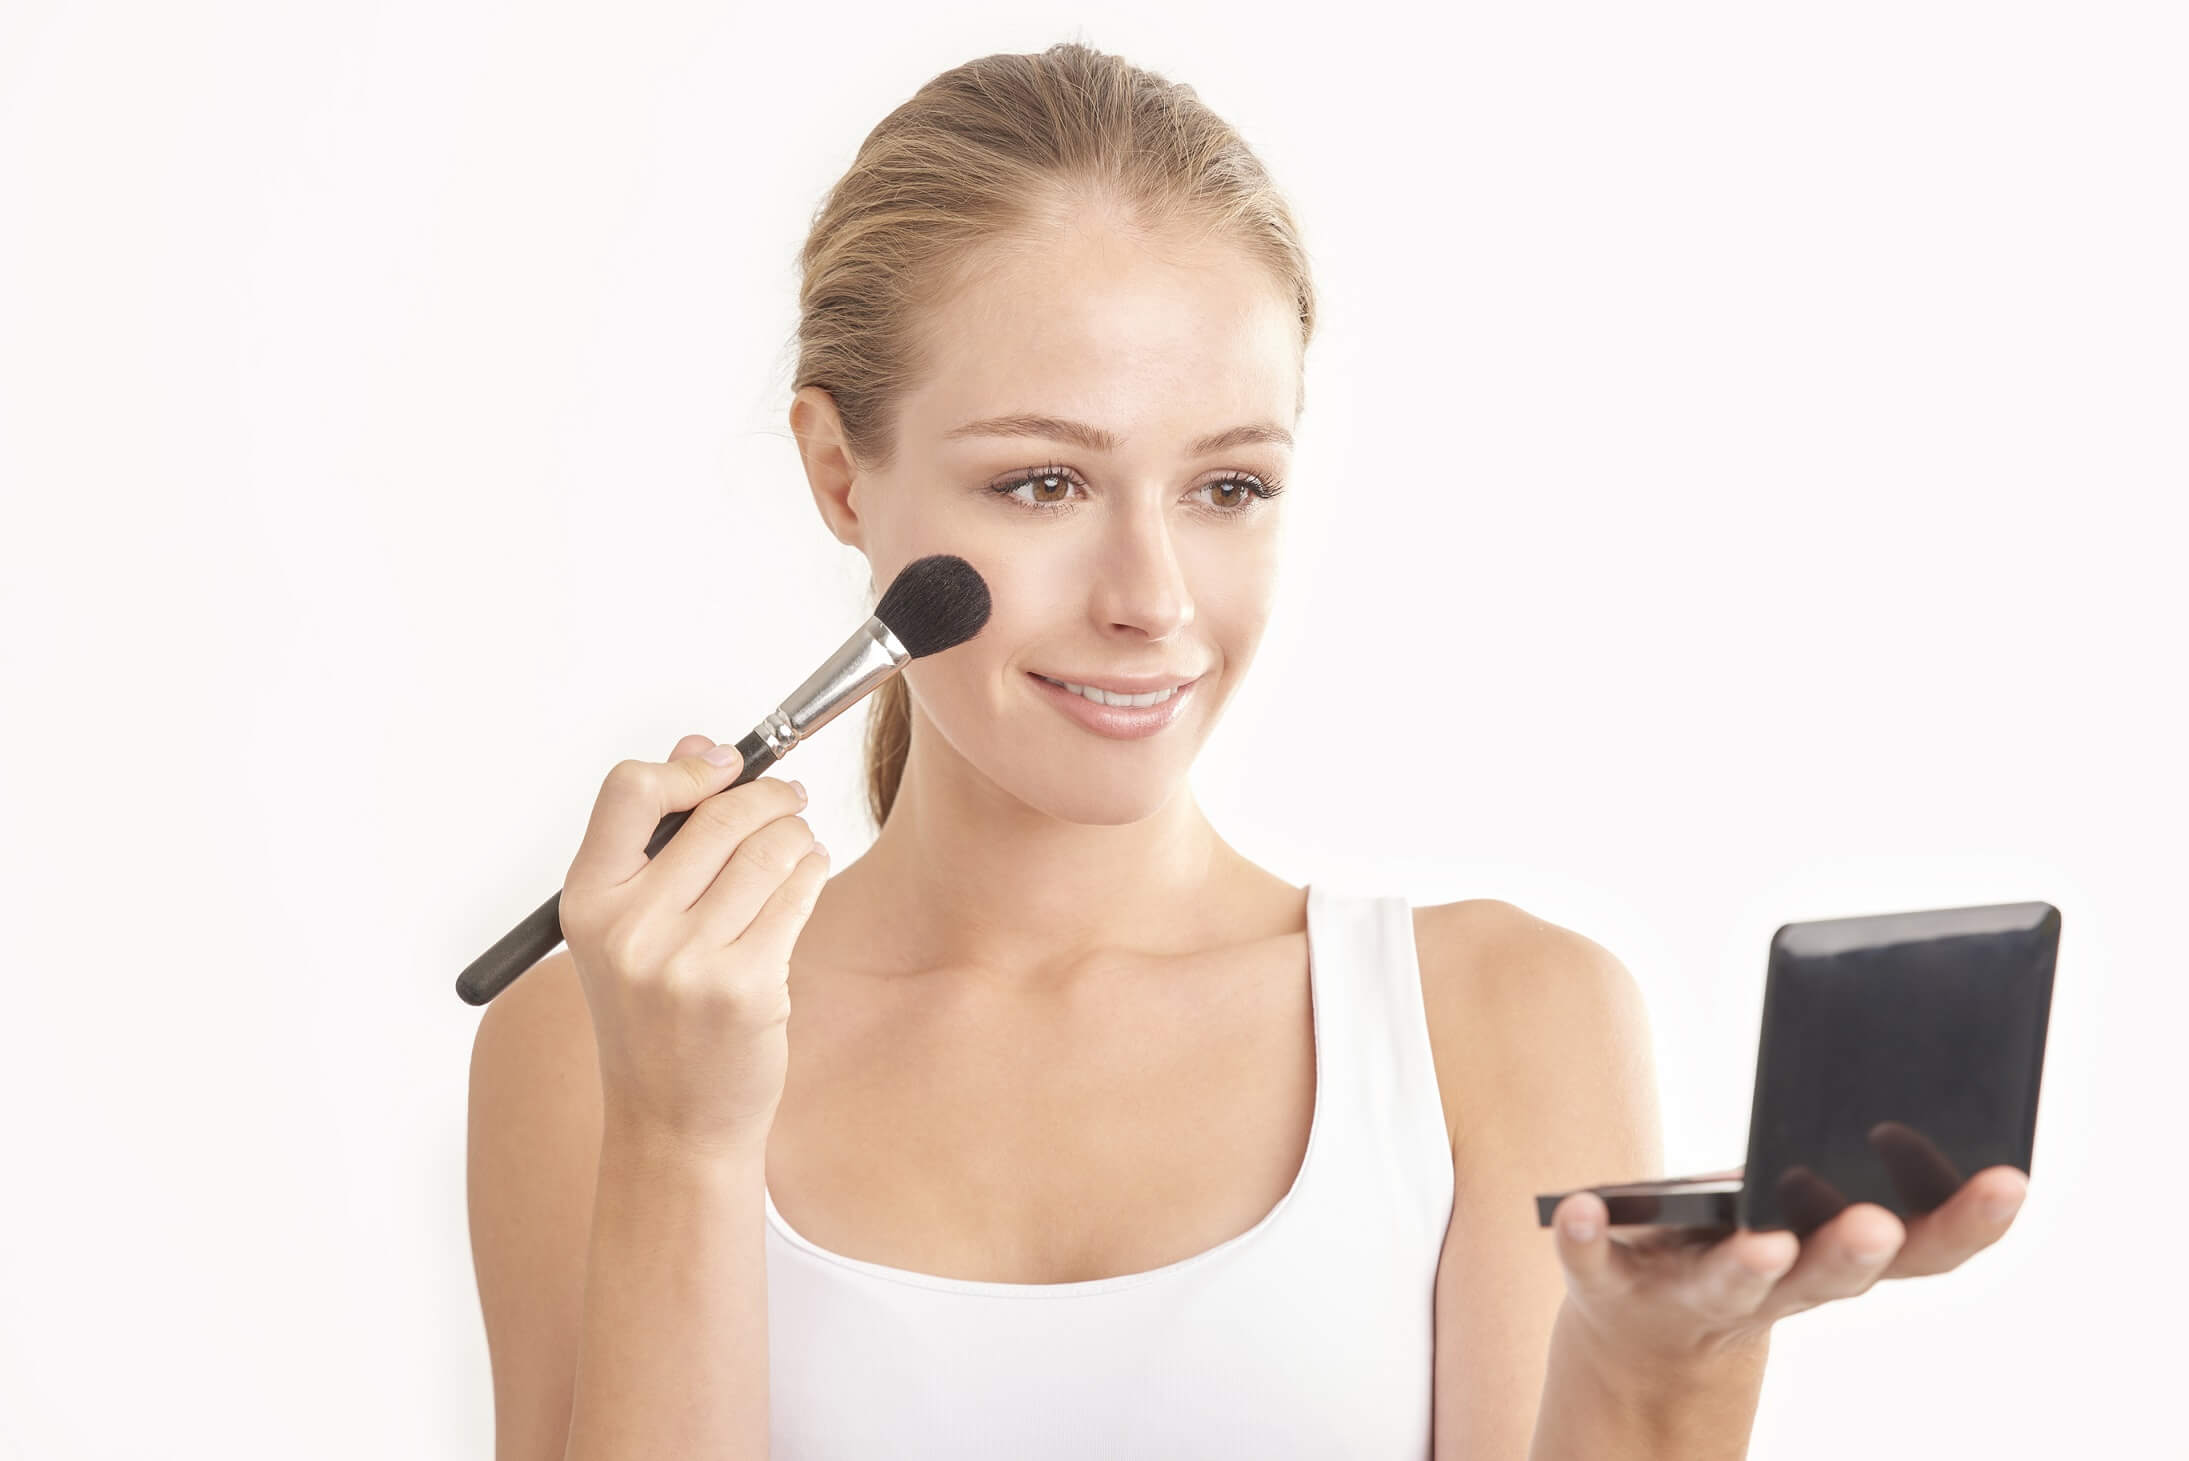 Hair and Makeup isn't a DIY Project Las Vegas